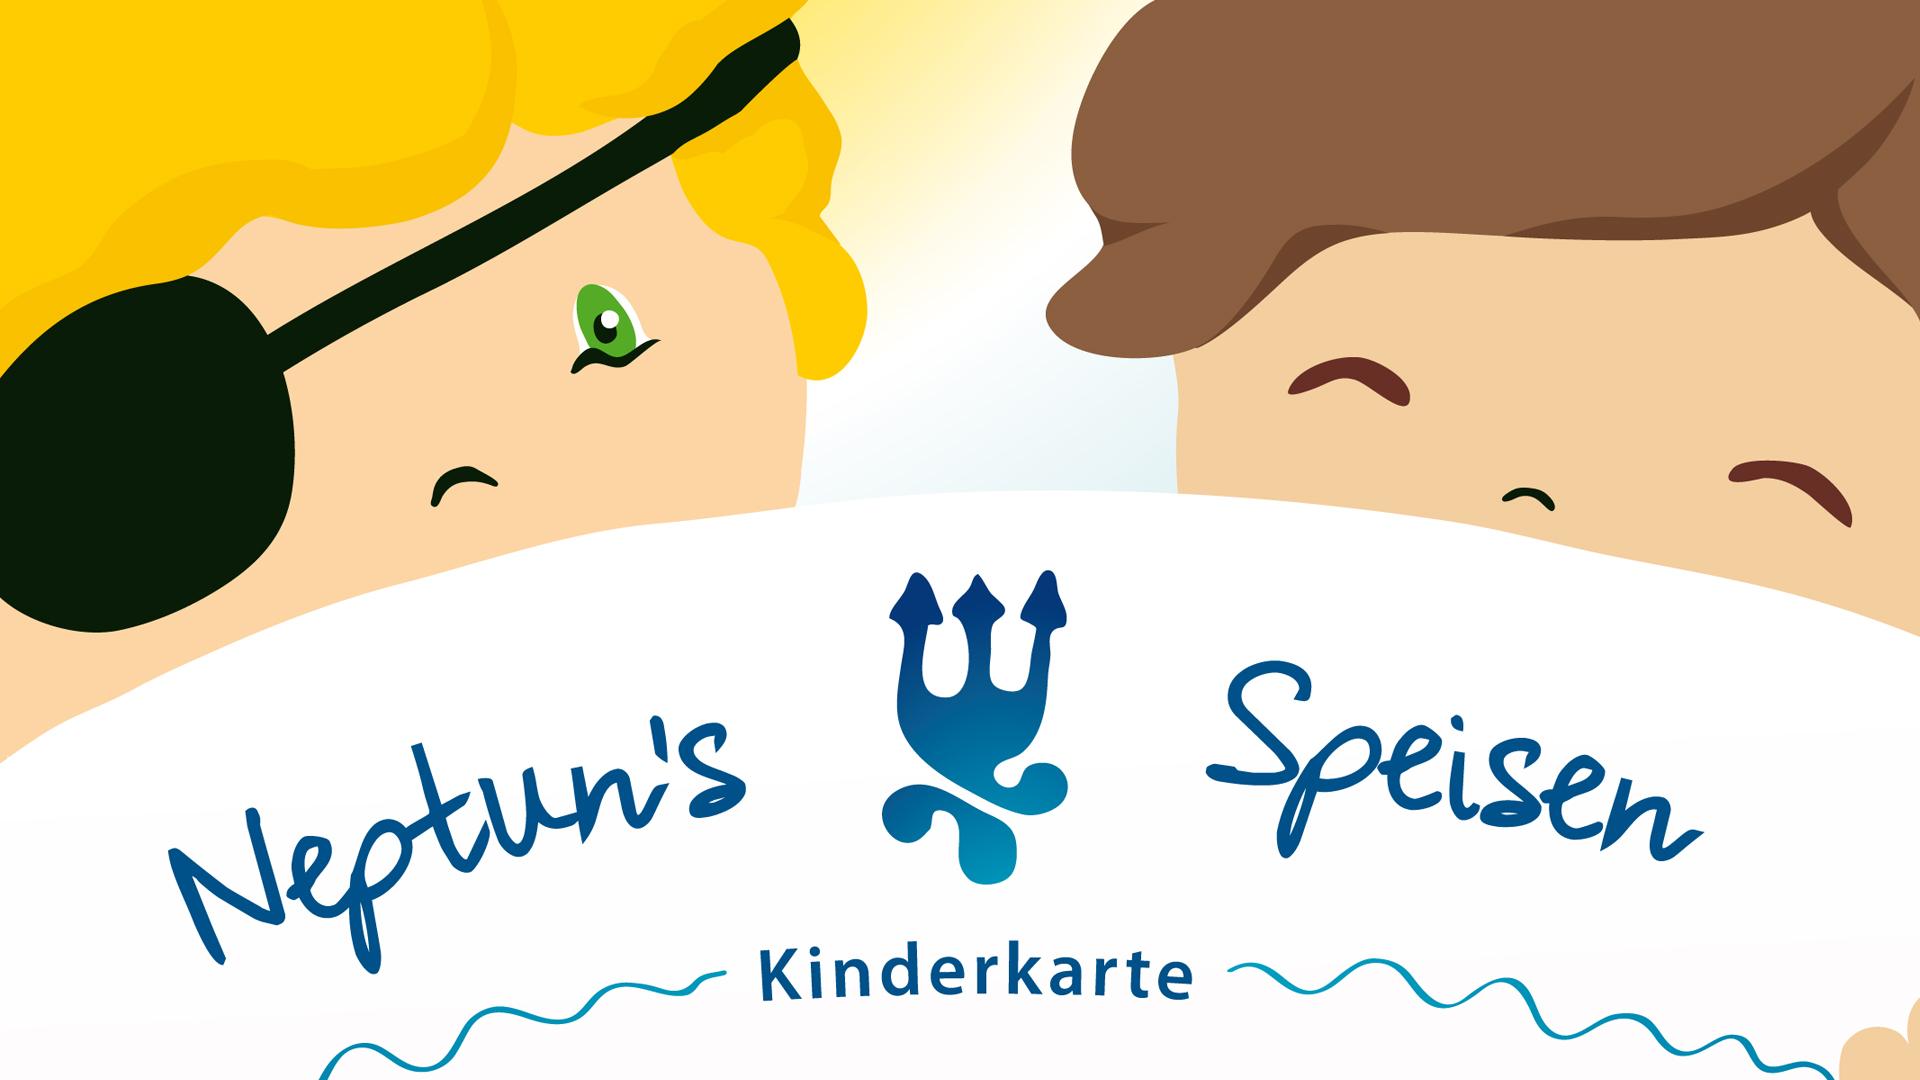 P-67 gestaltete und illustrierte die neue Kinderspeisekarte für das Hotel Neptun aus Warnemünde